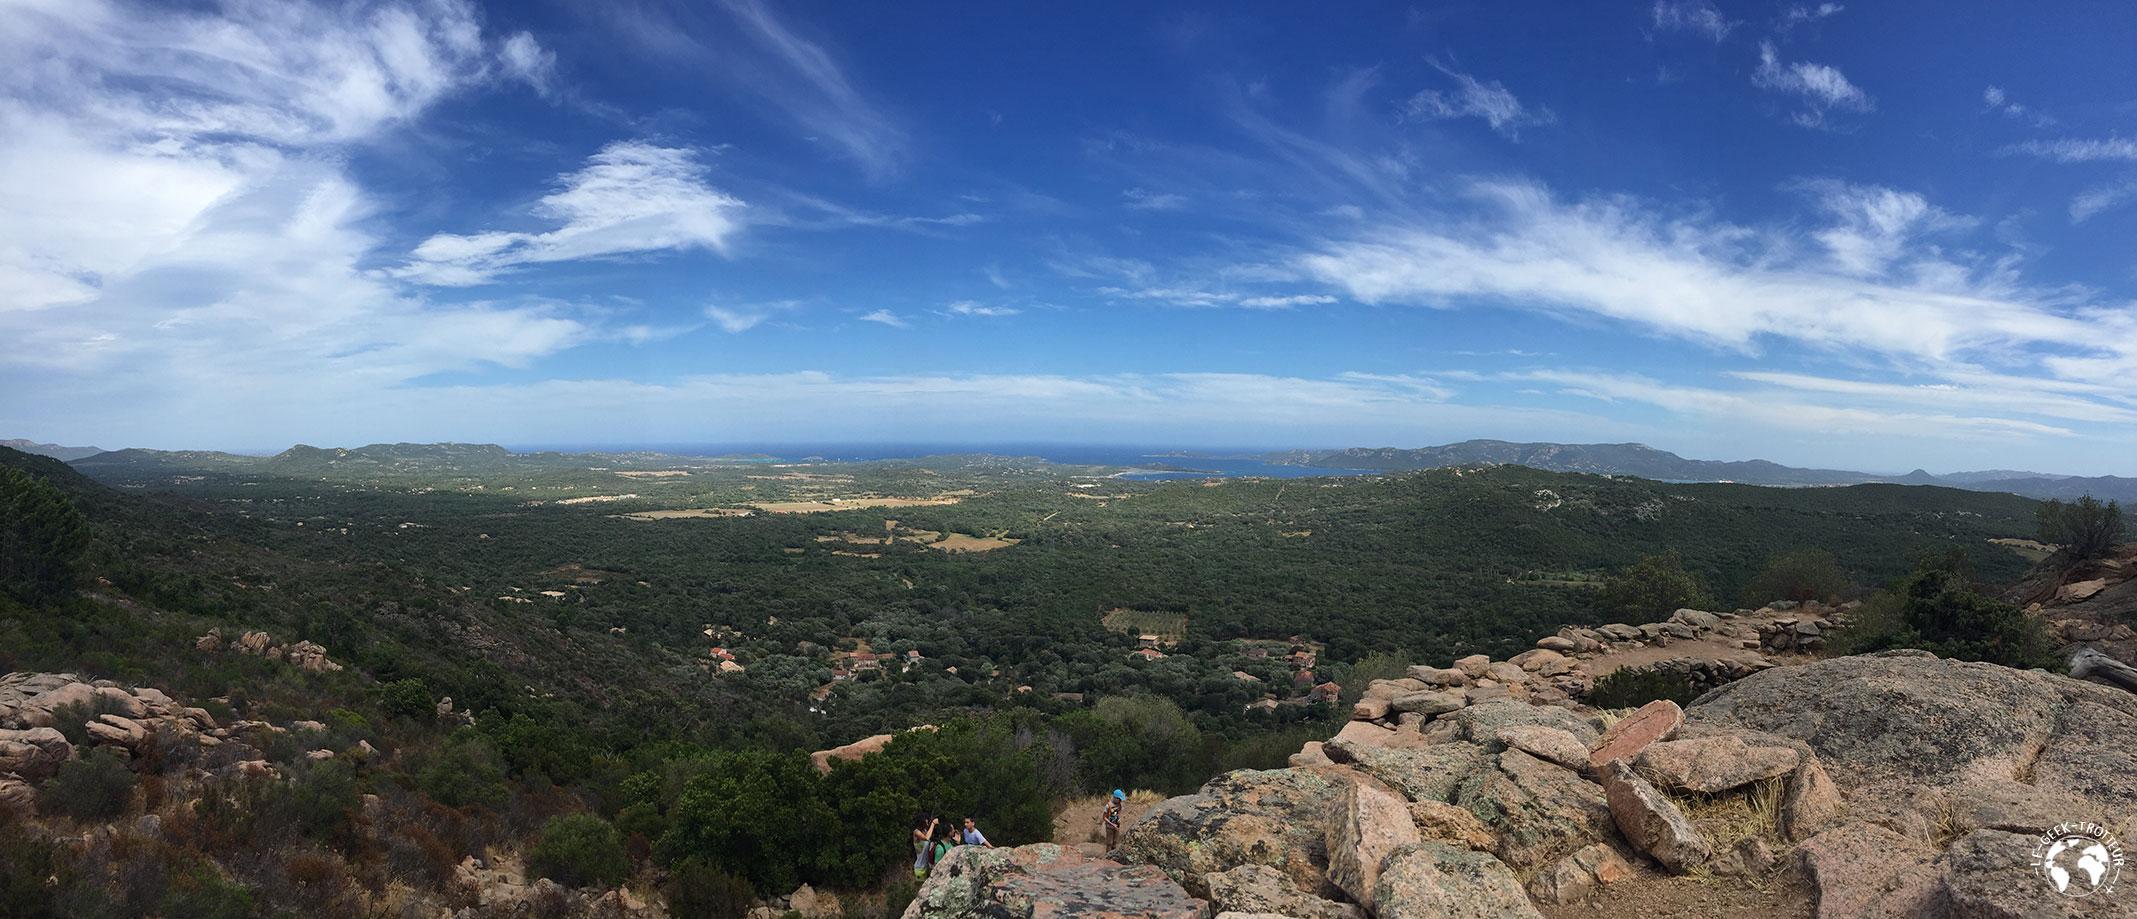 Un beau panorama depuis le Castellu d'Araghju